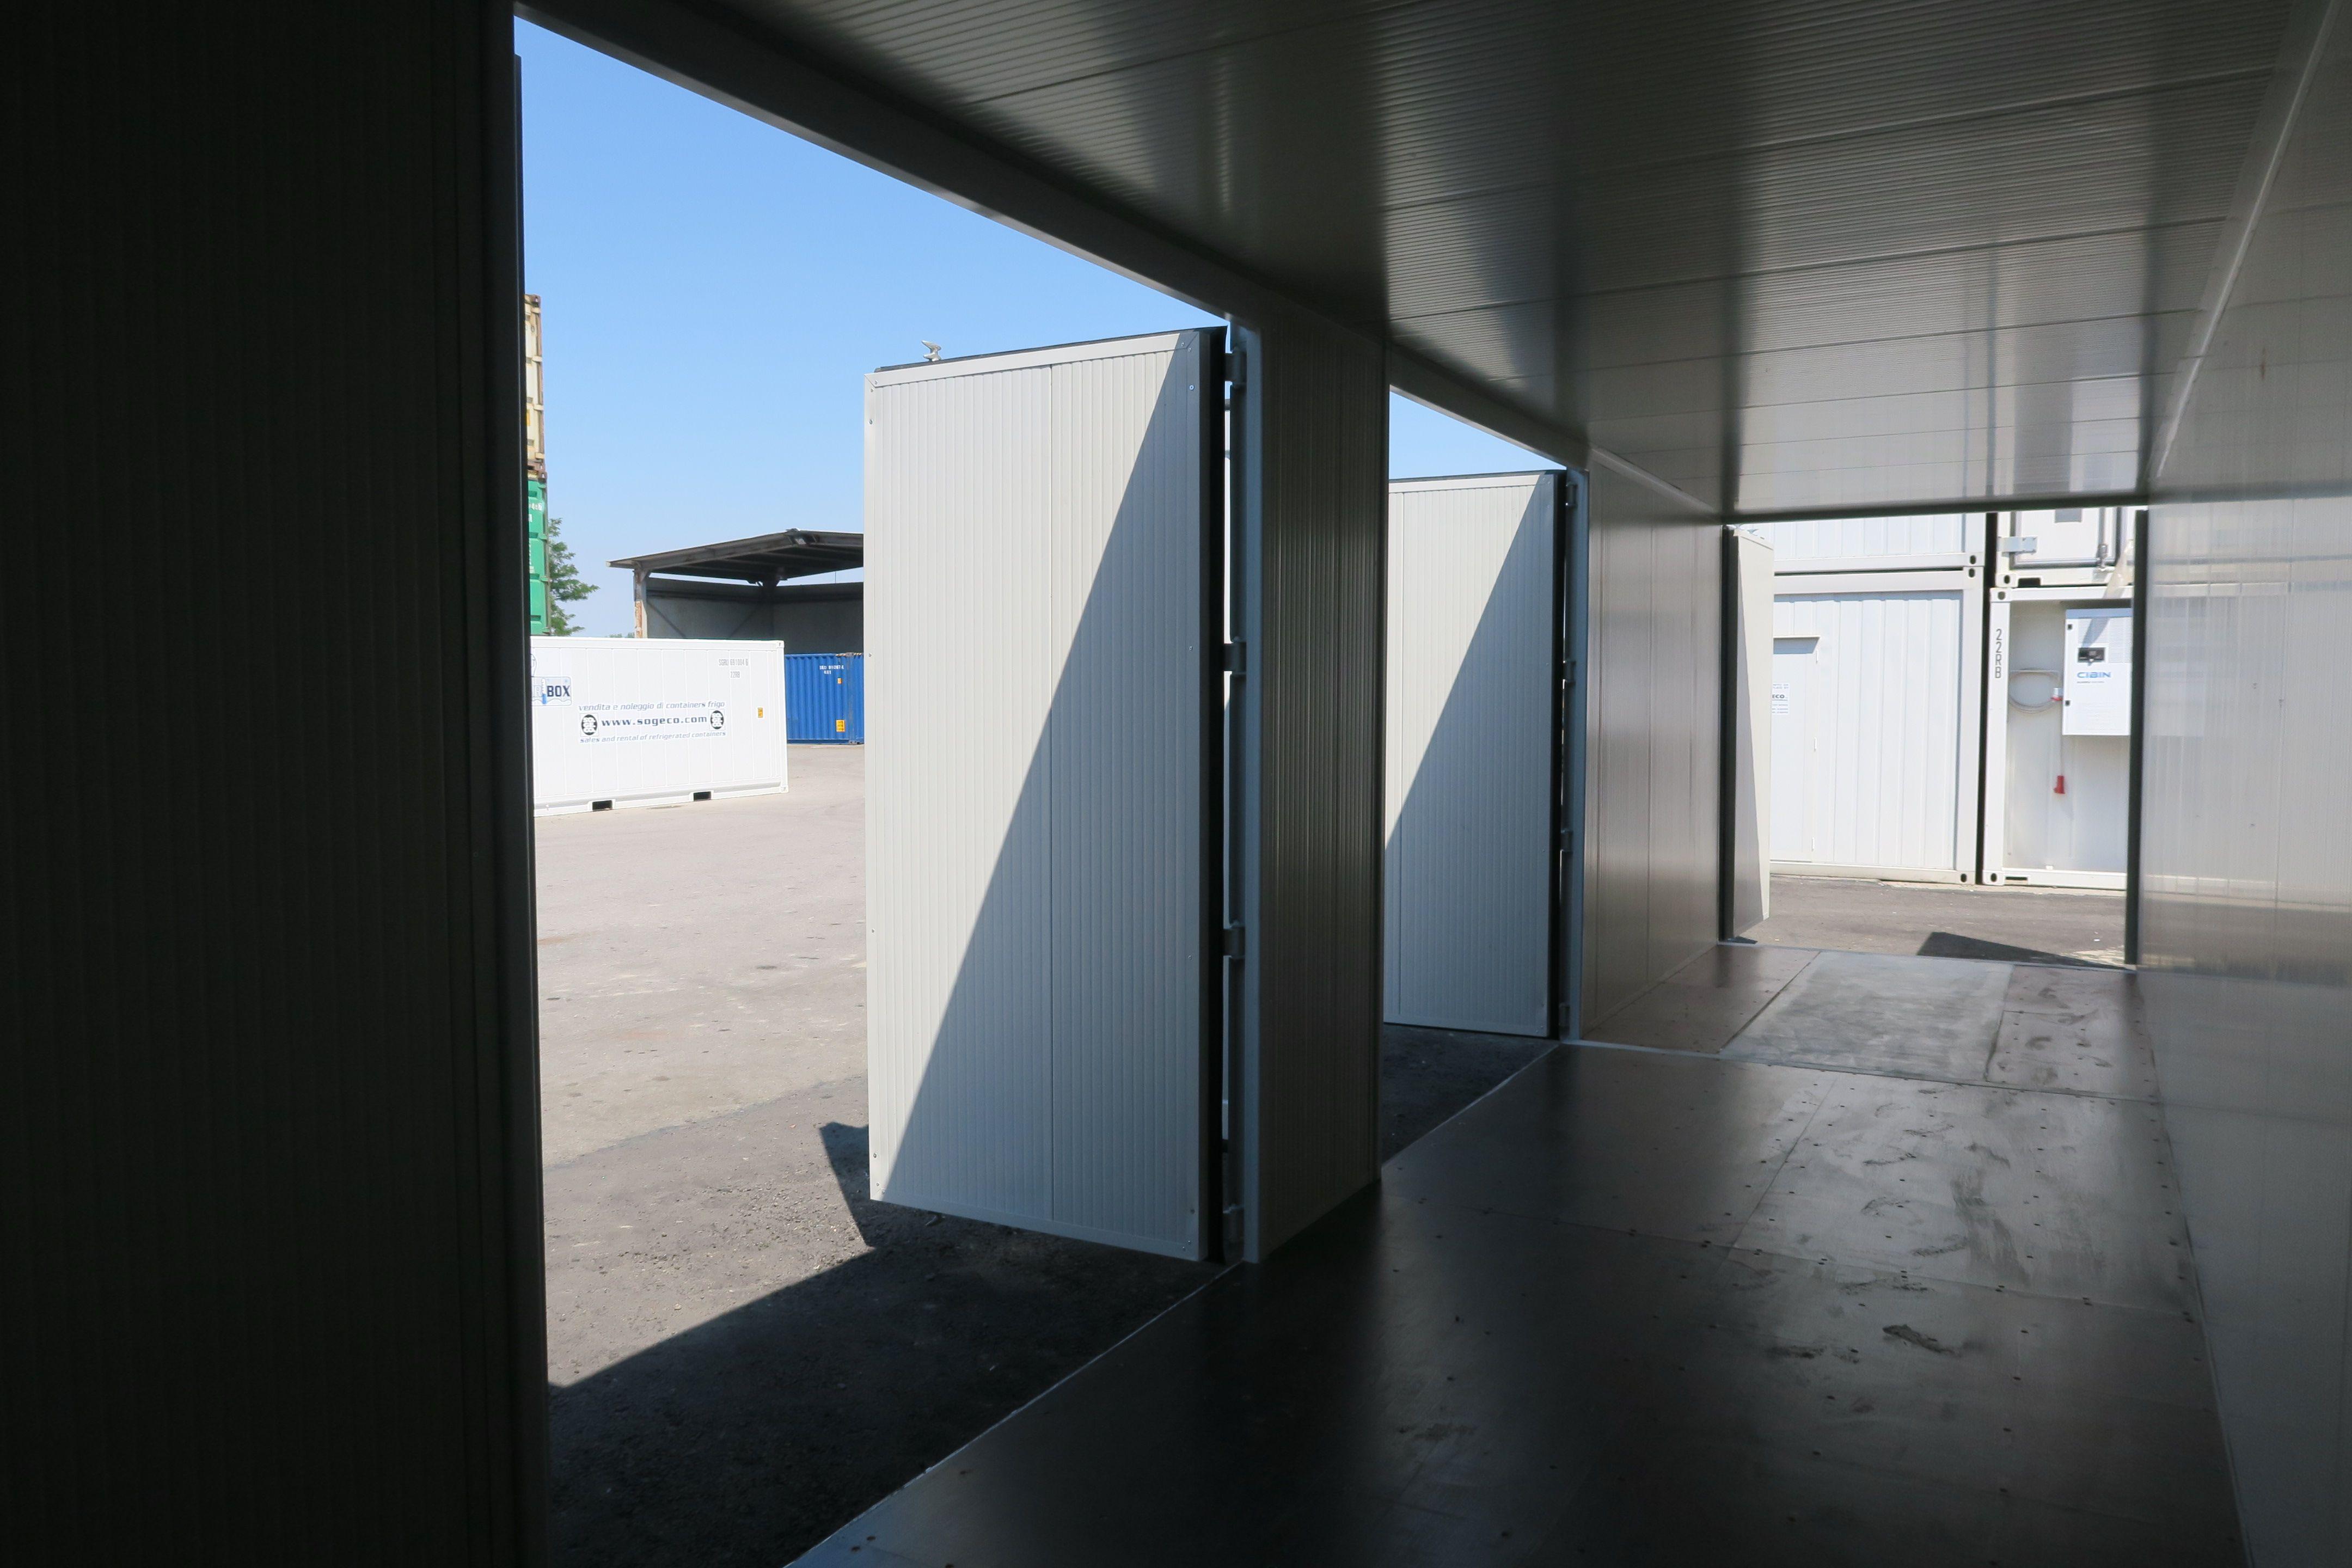 Sogeco International SA. Container 40' HCDD con porte a doppia anta costruite interamente in carpenteria metallica. Coibentazione interna.